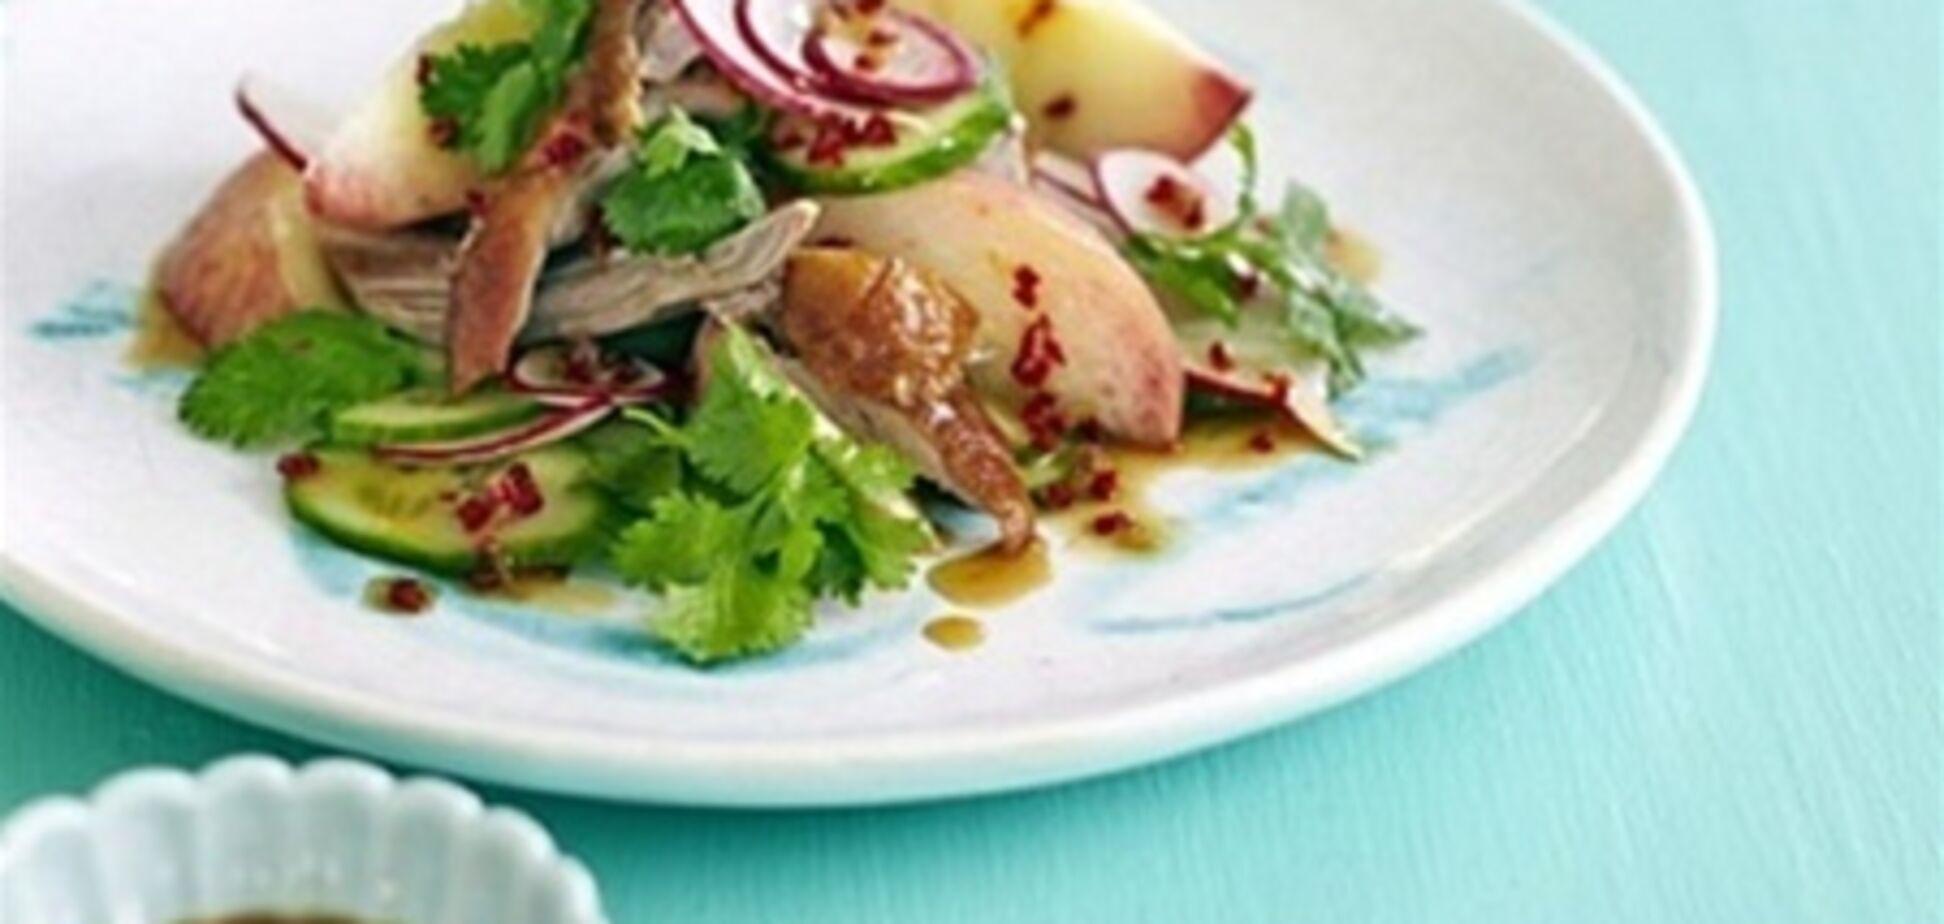 Салат із качки та персика